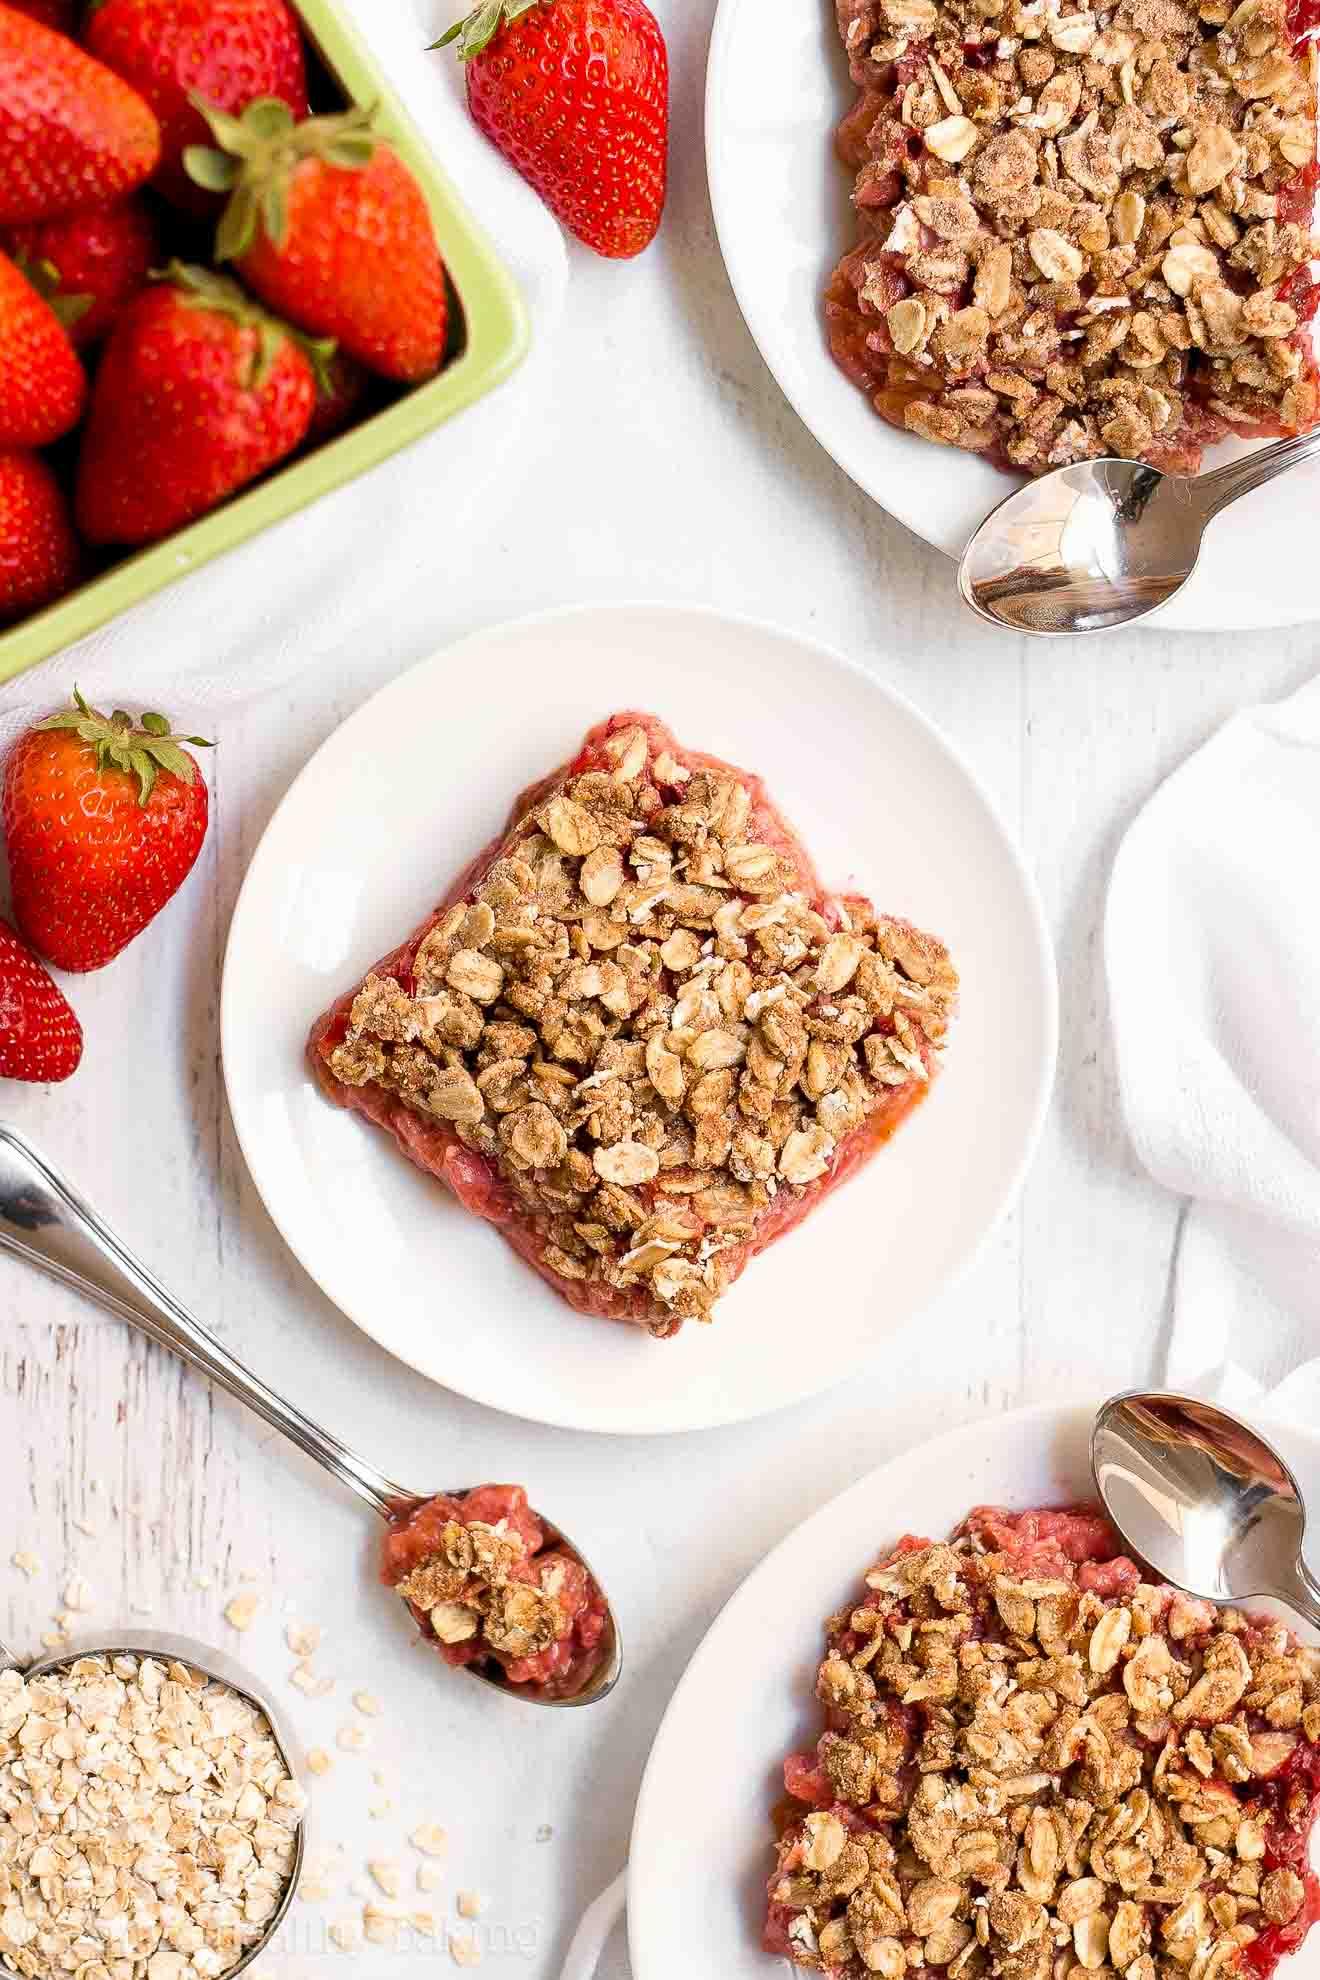 Easy Healthy Low Sugar Strawberry Rhubarb Crumble